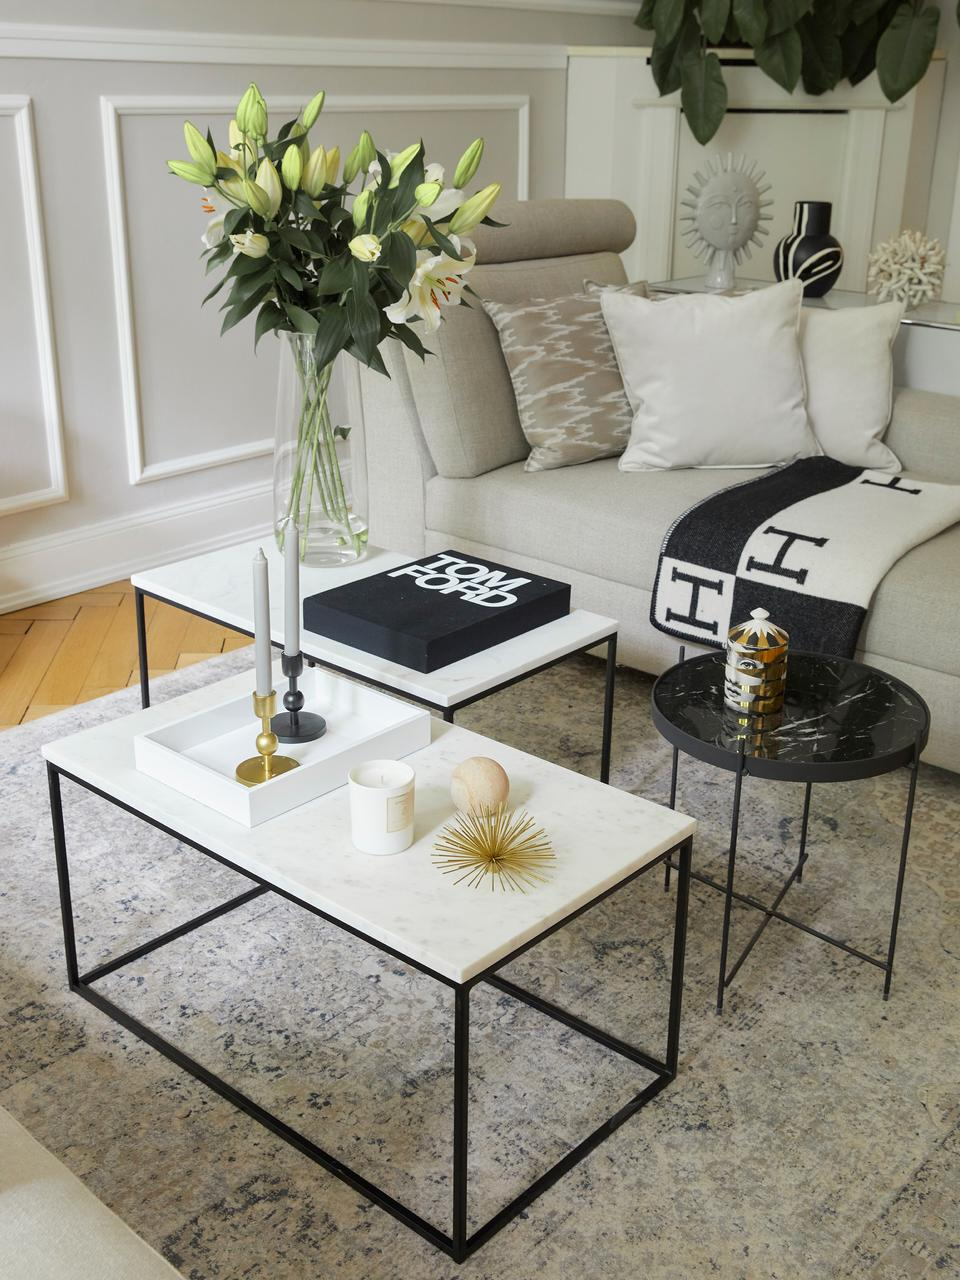 Marmor-Couchtisch Alys, Tischplatte: Marmor, Gestell: Metall, pulverbeschichtet, Tischplatte: Weiß-grauer MarmorGestell: Schwarz, matt, 80 x 40 cm